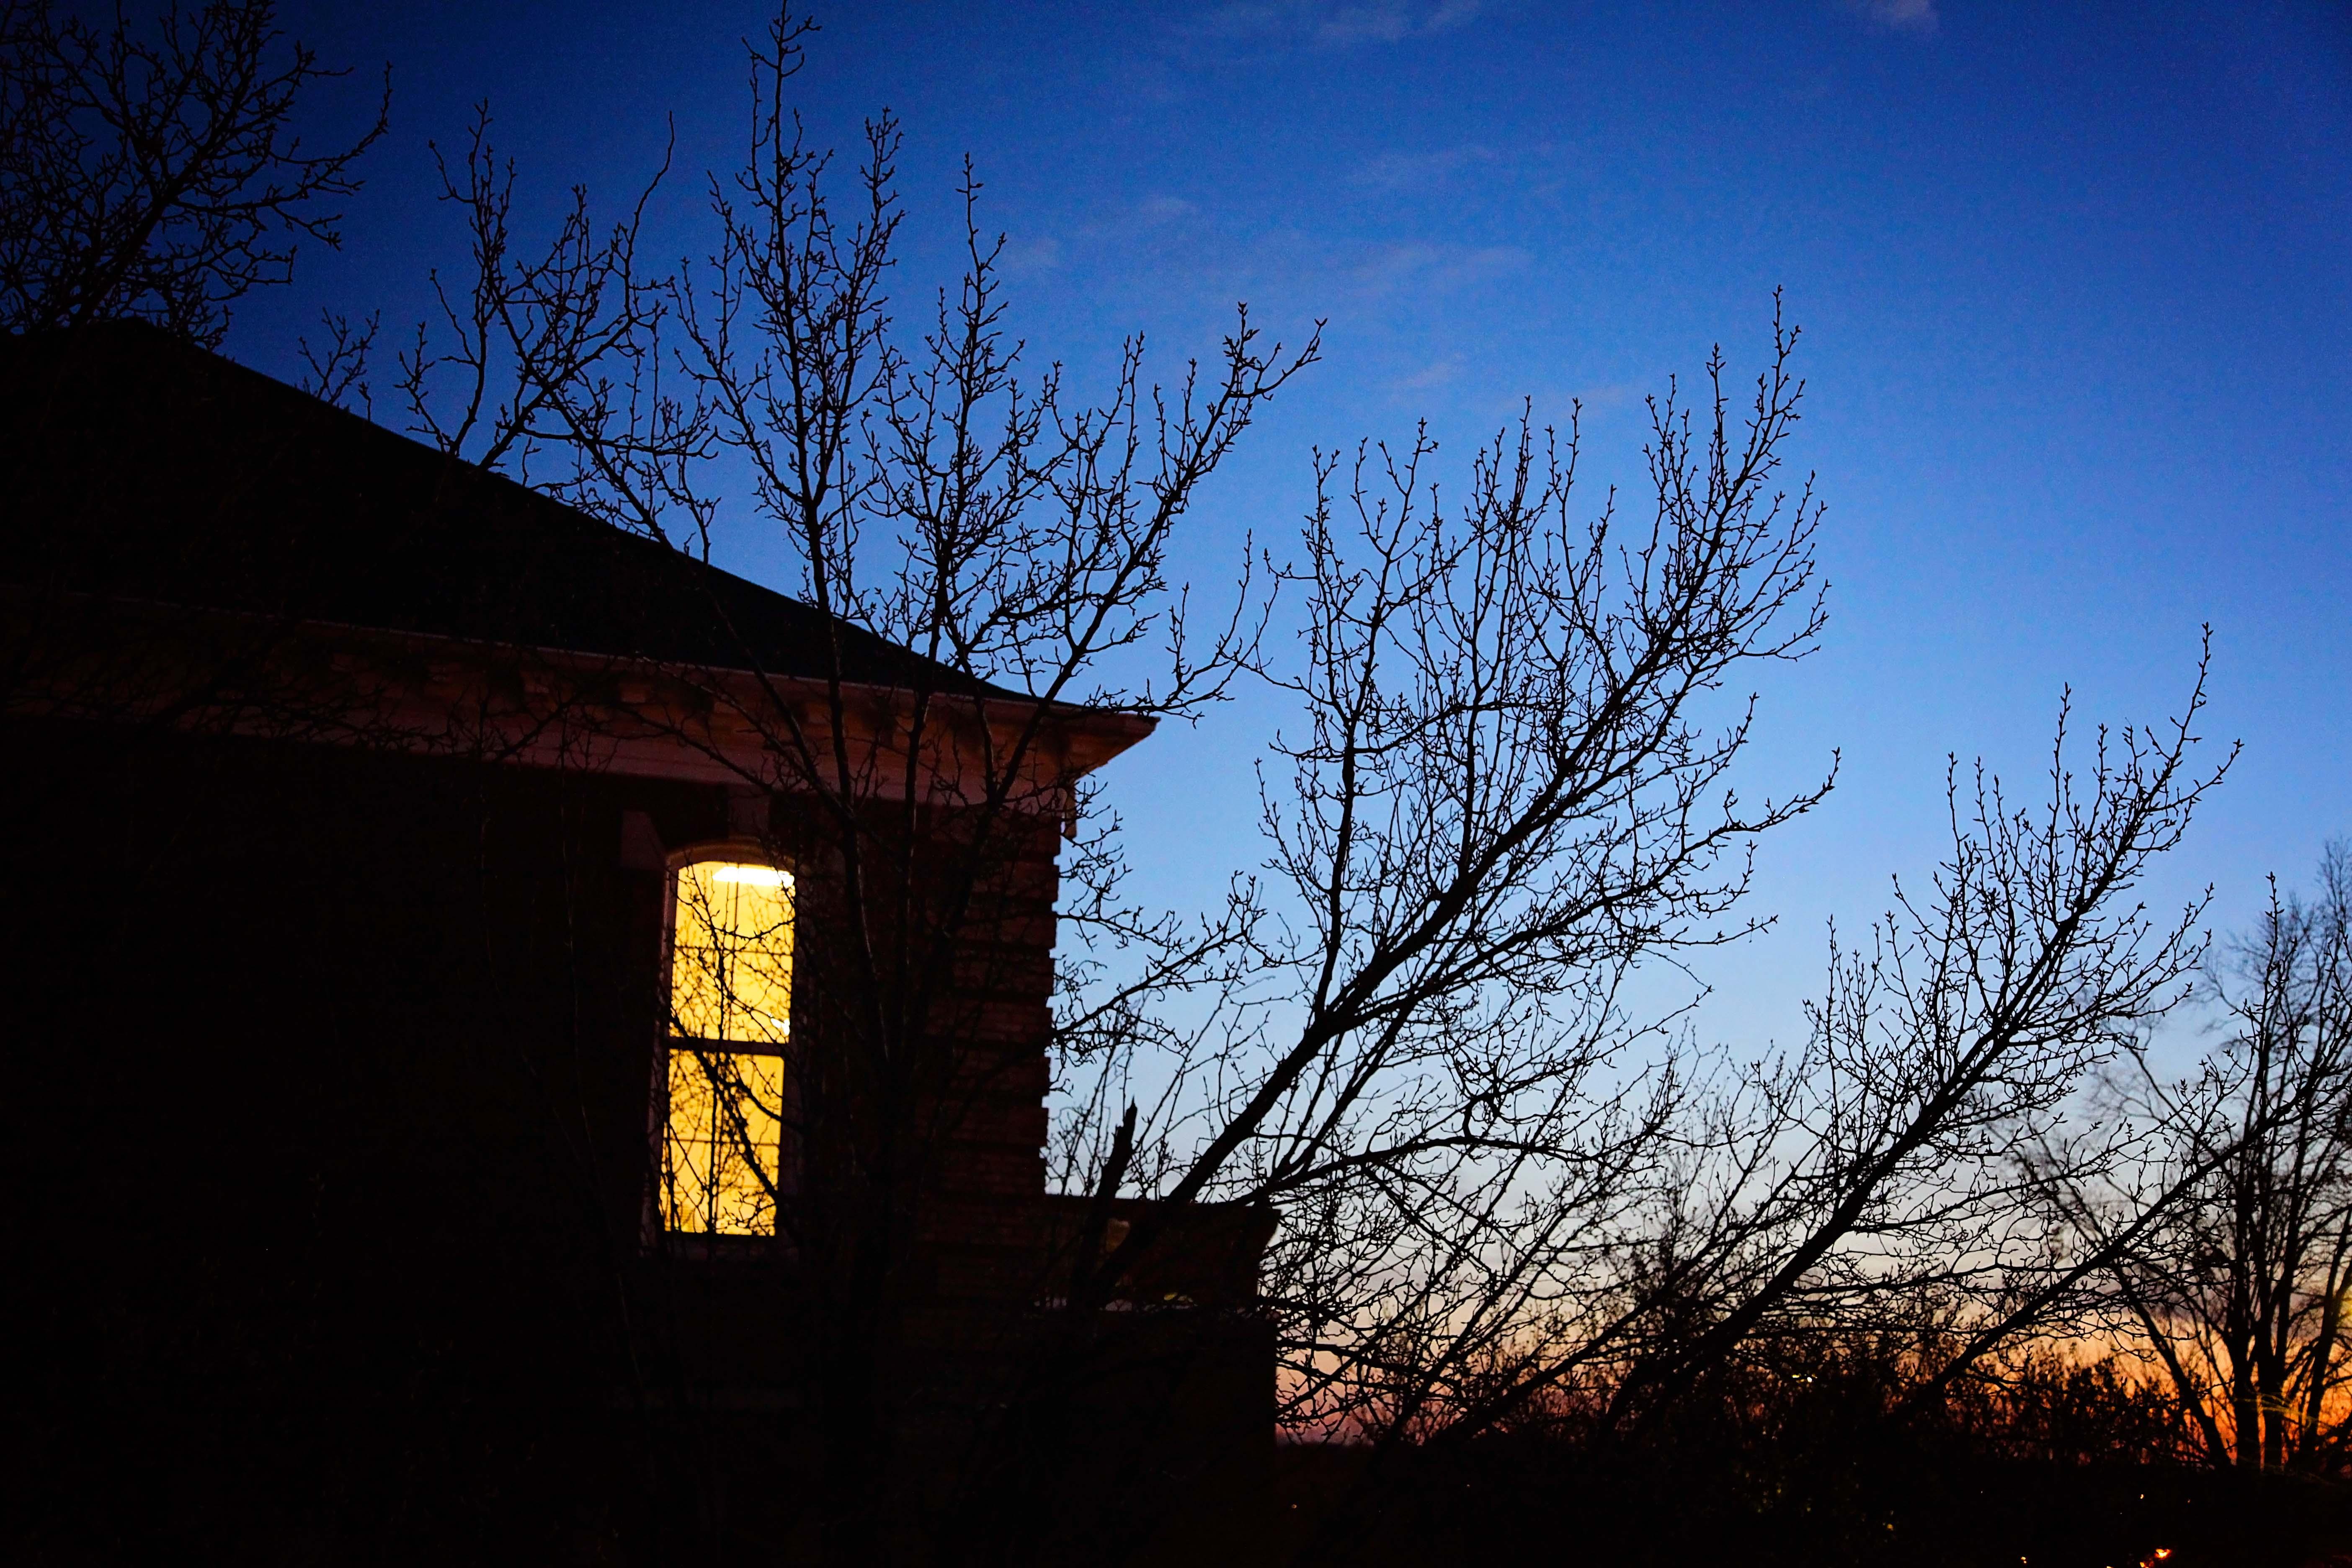 Light through window 2